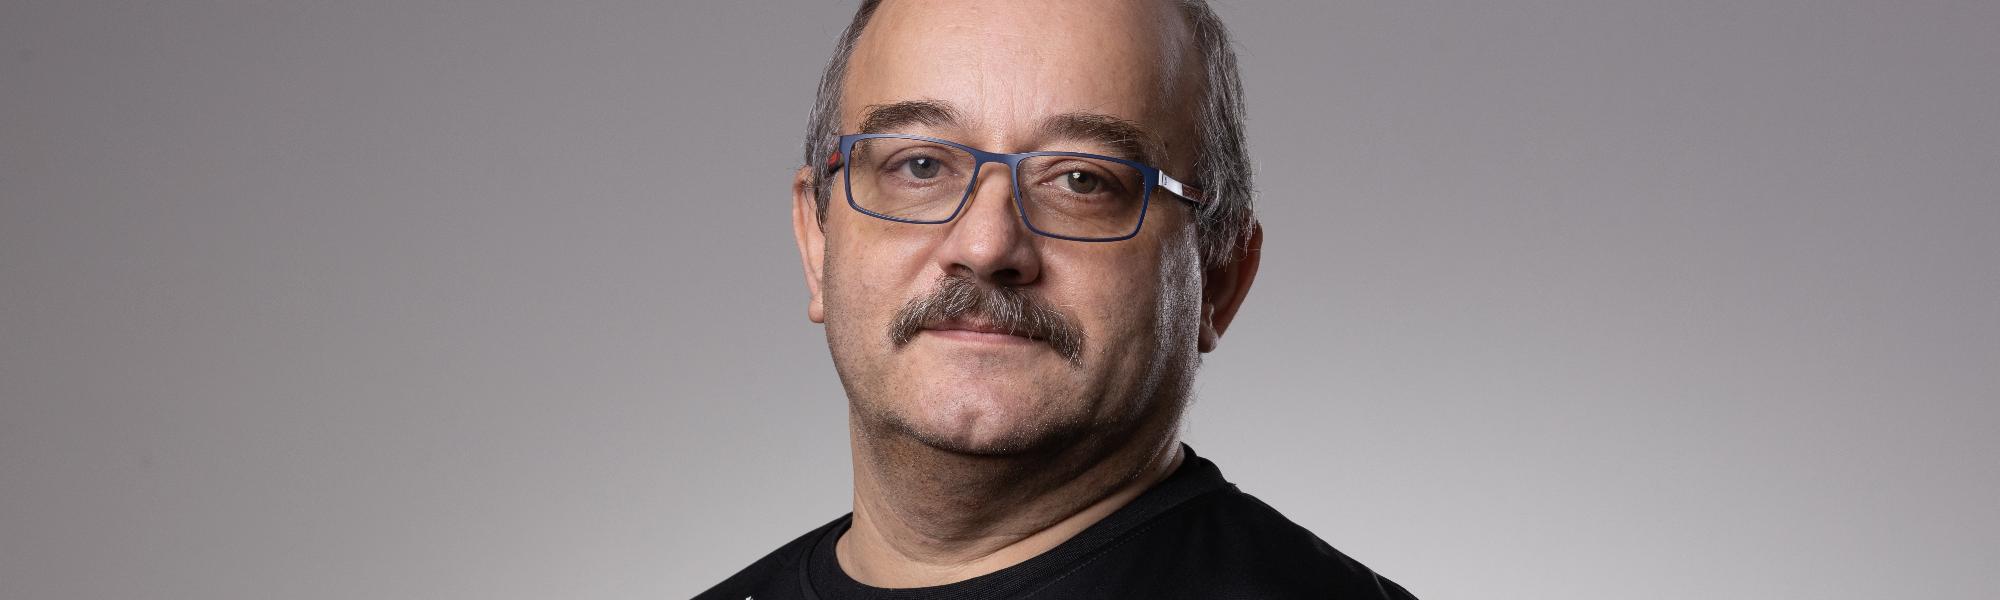 Istvan Balasz